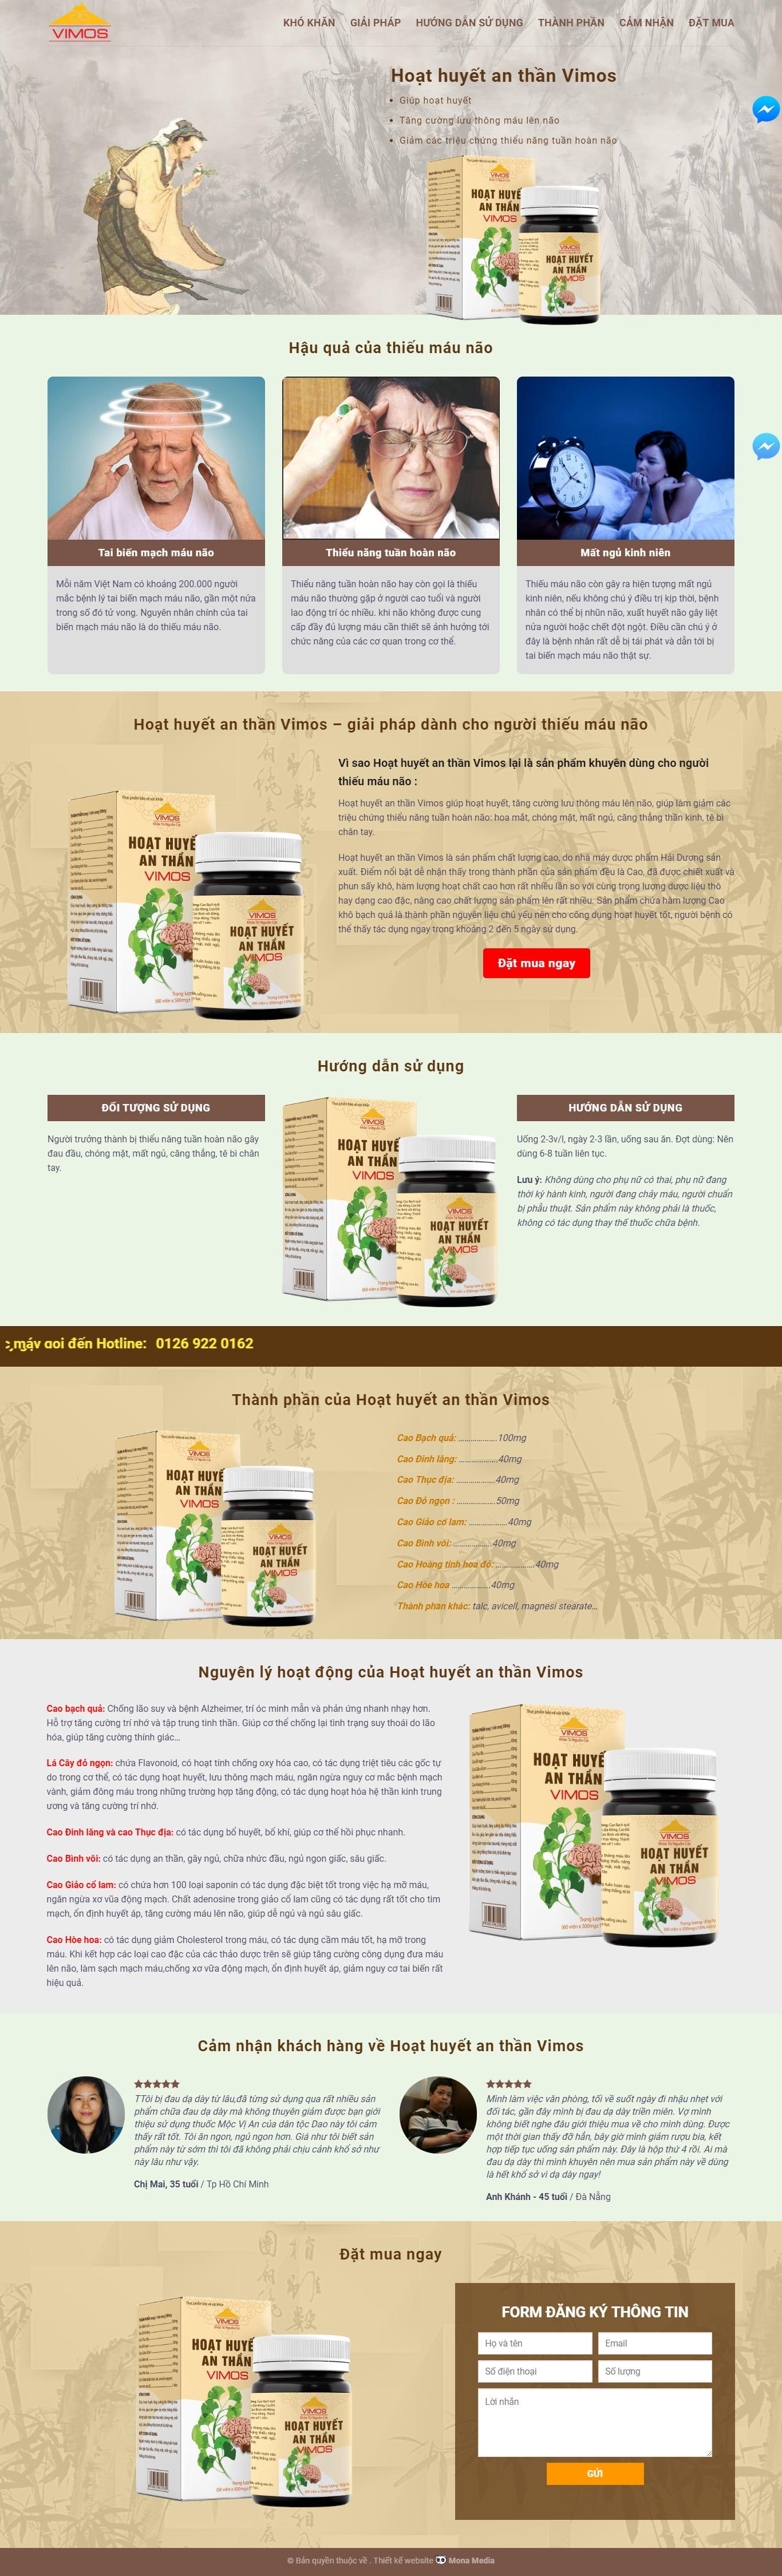 Mẫu website landing page giới thiệu sản phẩm đông y Vimos